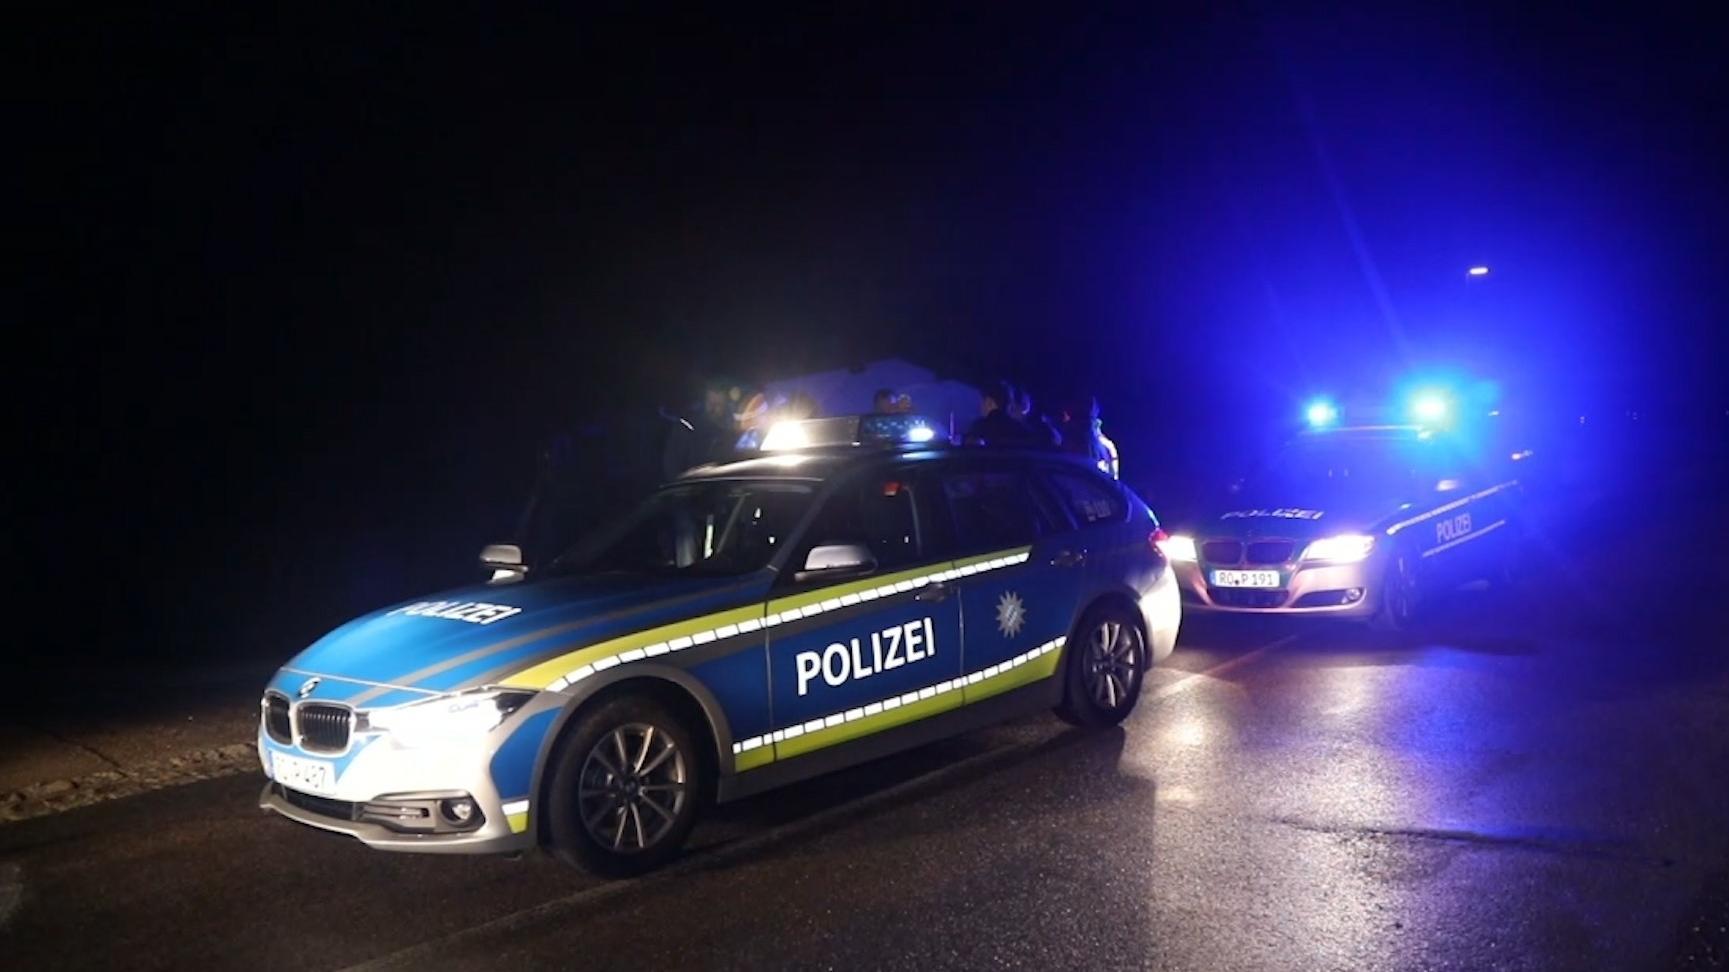 Ein Unbekannter hat sich auf der A8 im Landkreis Traunstein eine Verfolgungsfahrt mit der Polizei geliefert. Um die Beamten abzuschütteln, warf er Metallstifte, sogenannte Krähenfüße, auf die Fahrbahn.